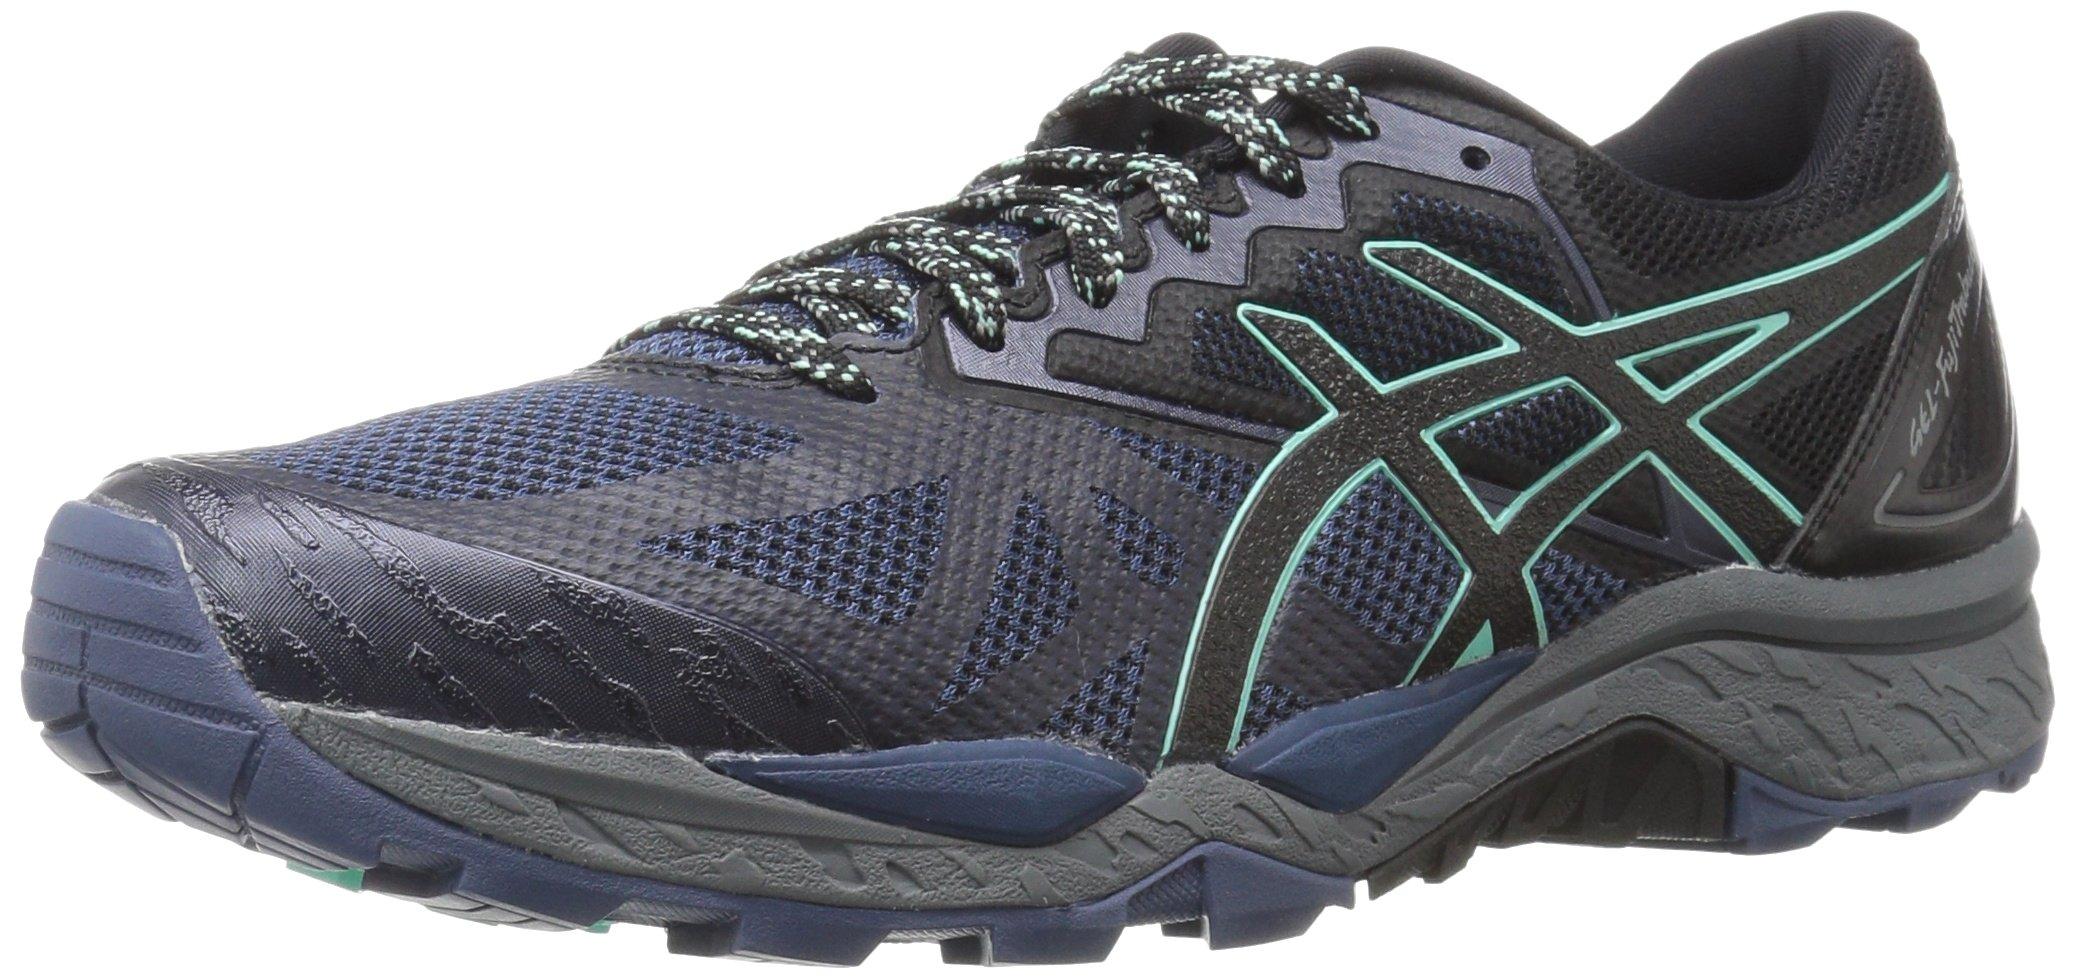 ASICS Women's Gel-Fujitrabuco 6 Running-Shoes, Insignia Blue/Black/Ice Green, 11 Medium US